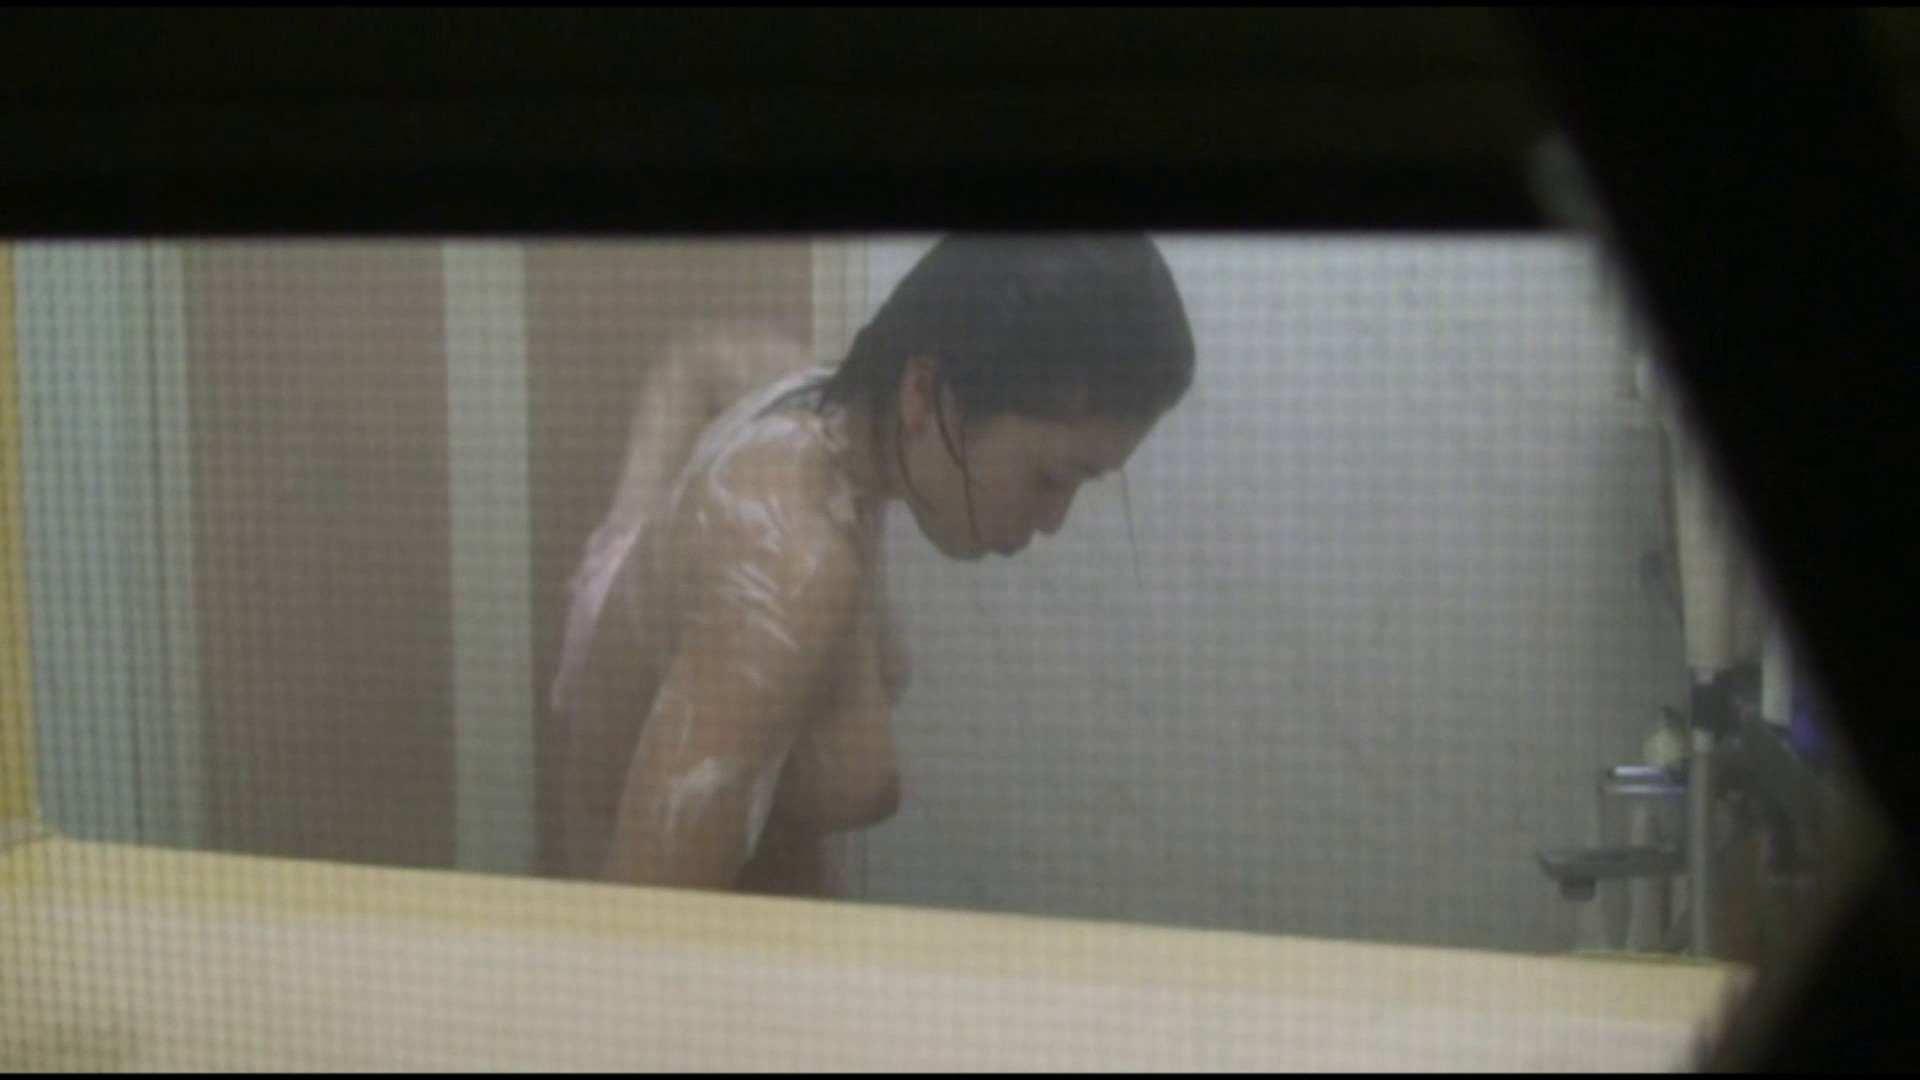 vol.04巨乳美人のおっぱいがプルルンッと弾けてます!風呂上りも必見 おっぱいいっぱい 性交動画流出 78画像 62